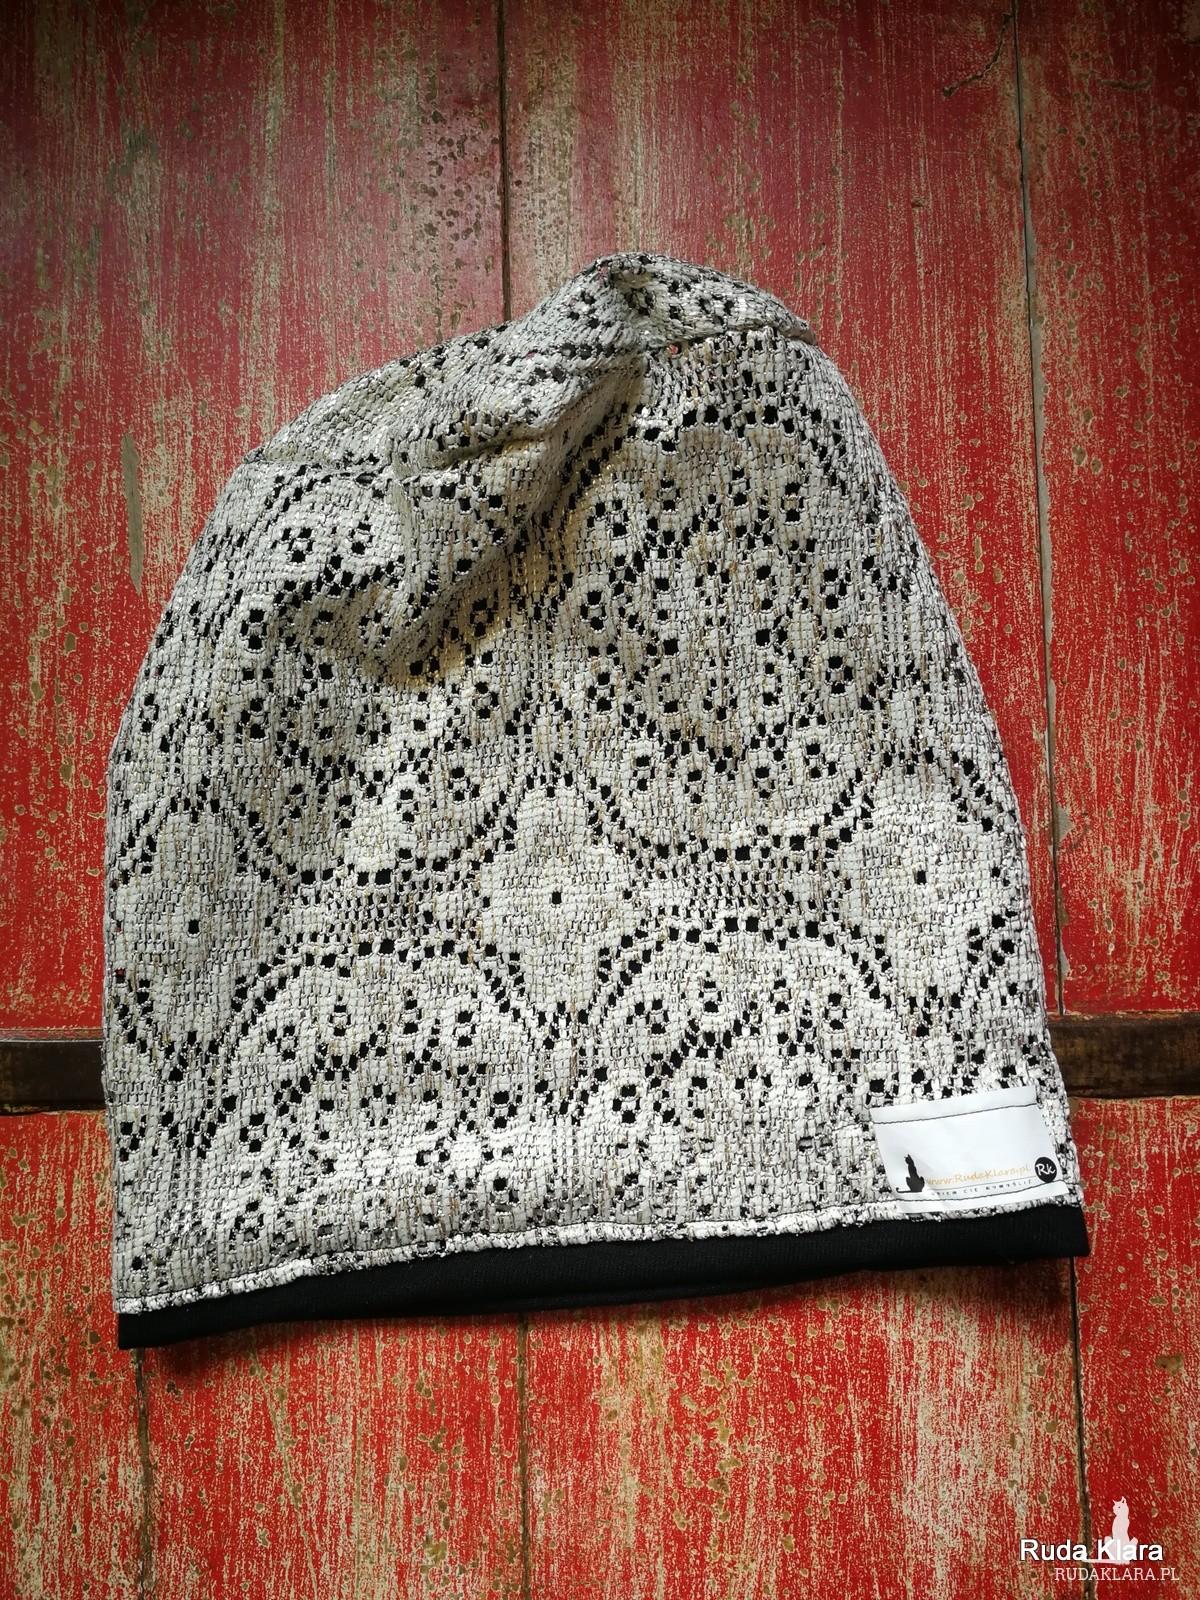 czapka damska srebrno czarna ażurowa